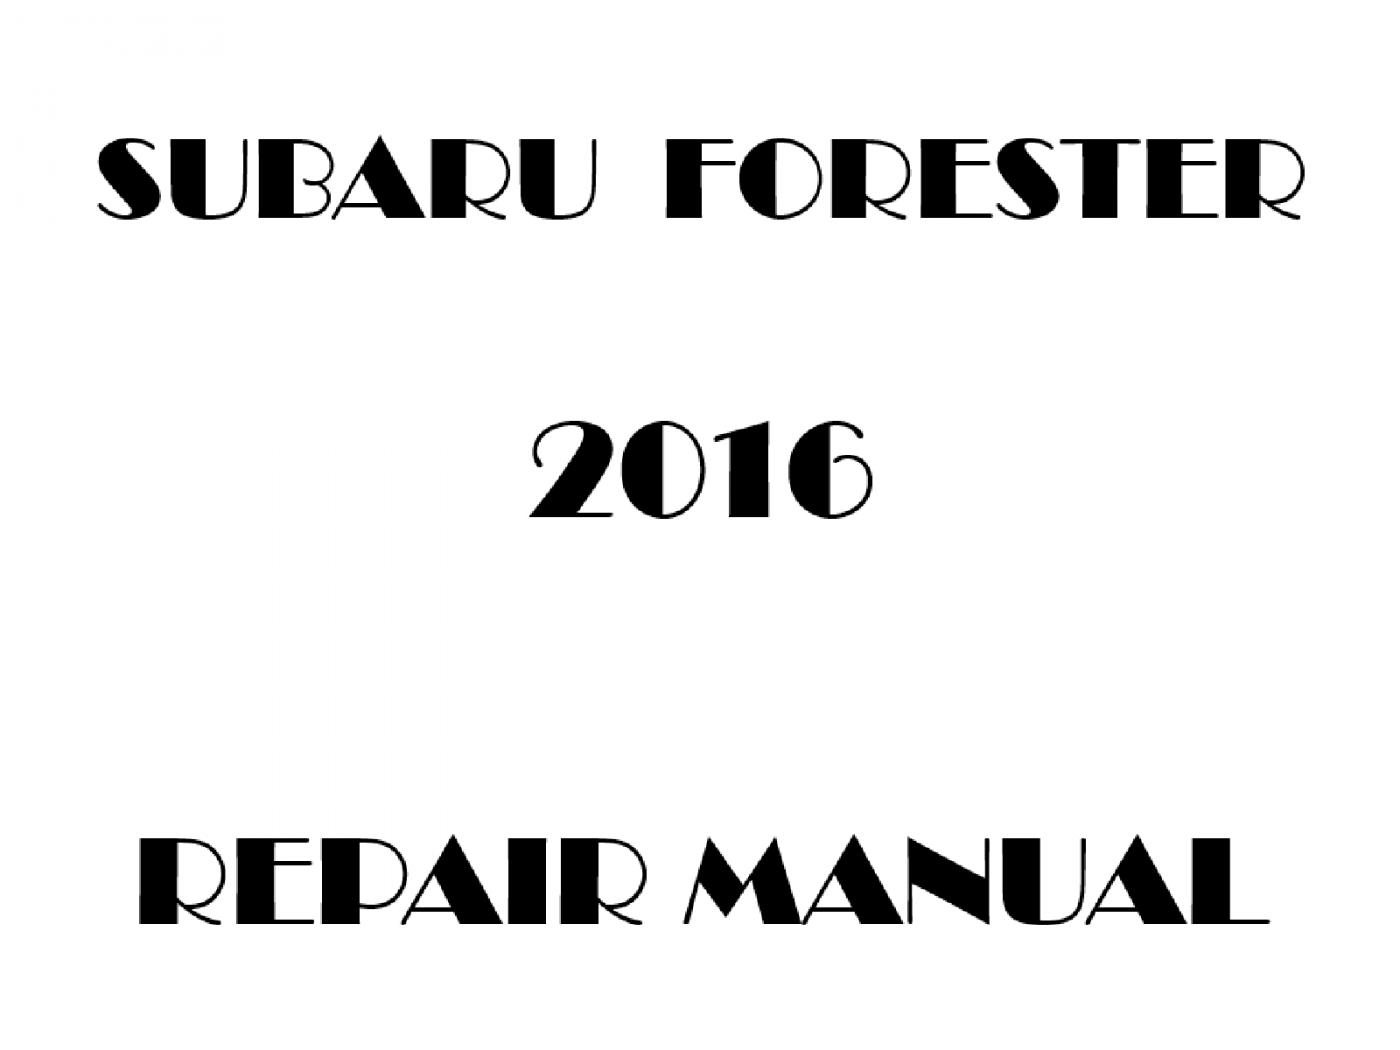 2016 Subaru Forester repair manual